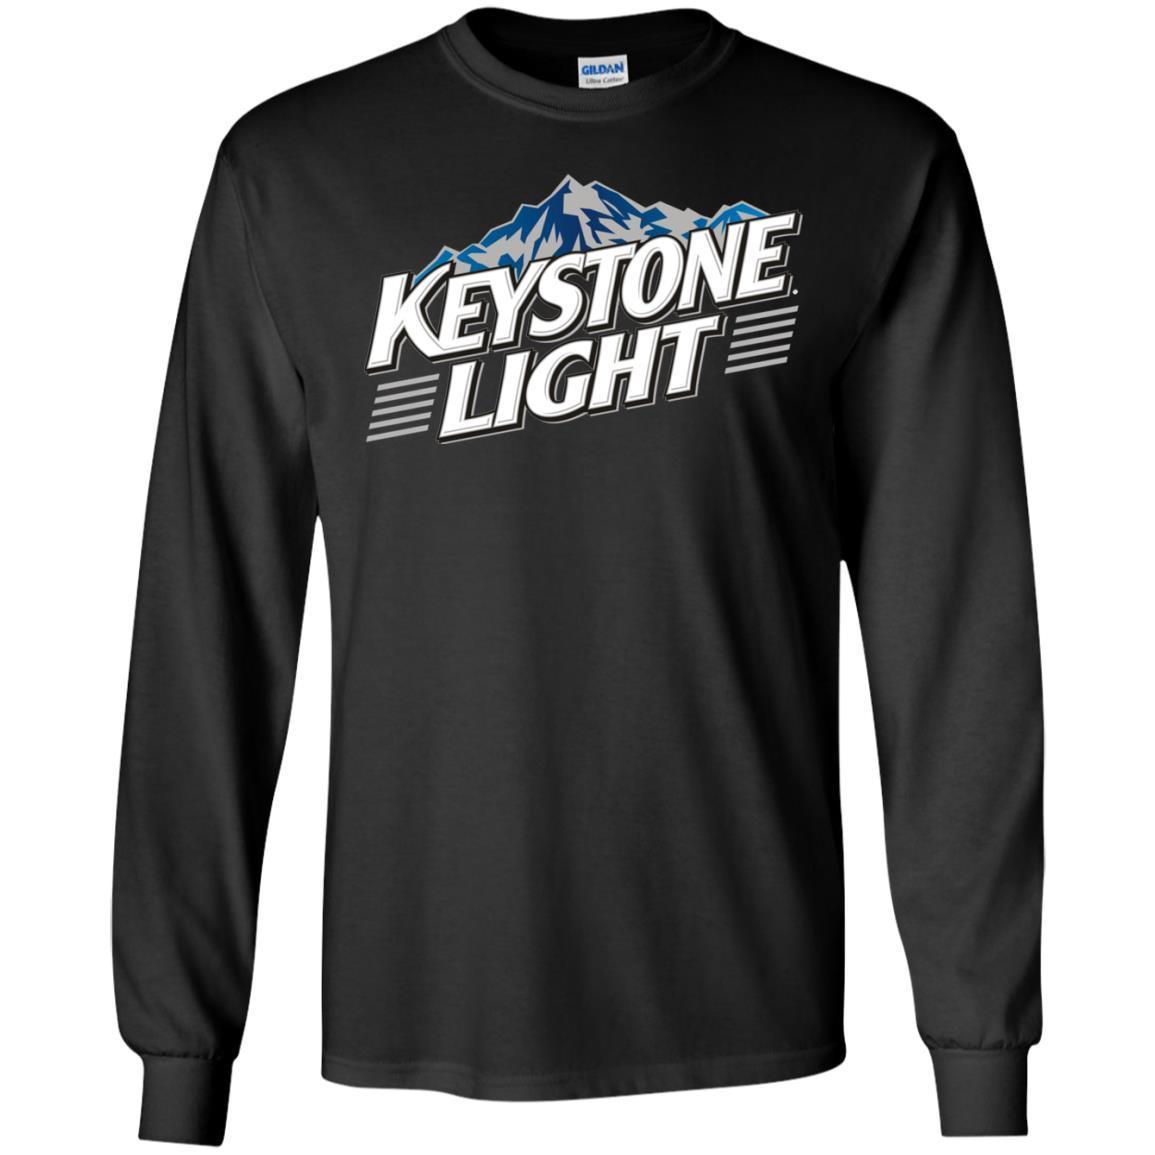 Keystone Light Beer – LS T-Shirt